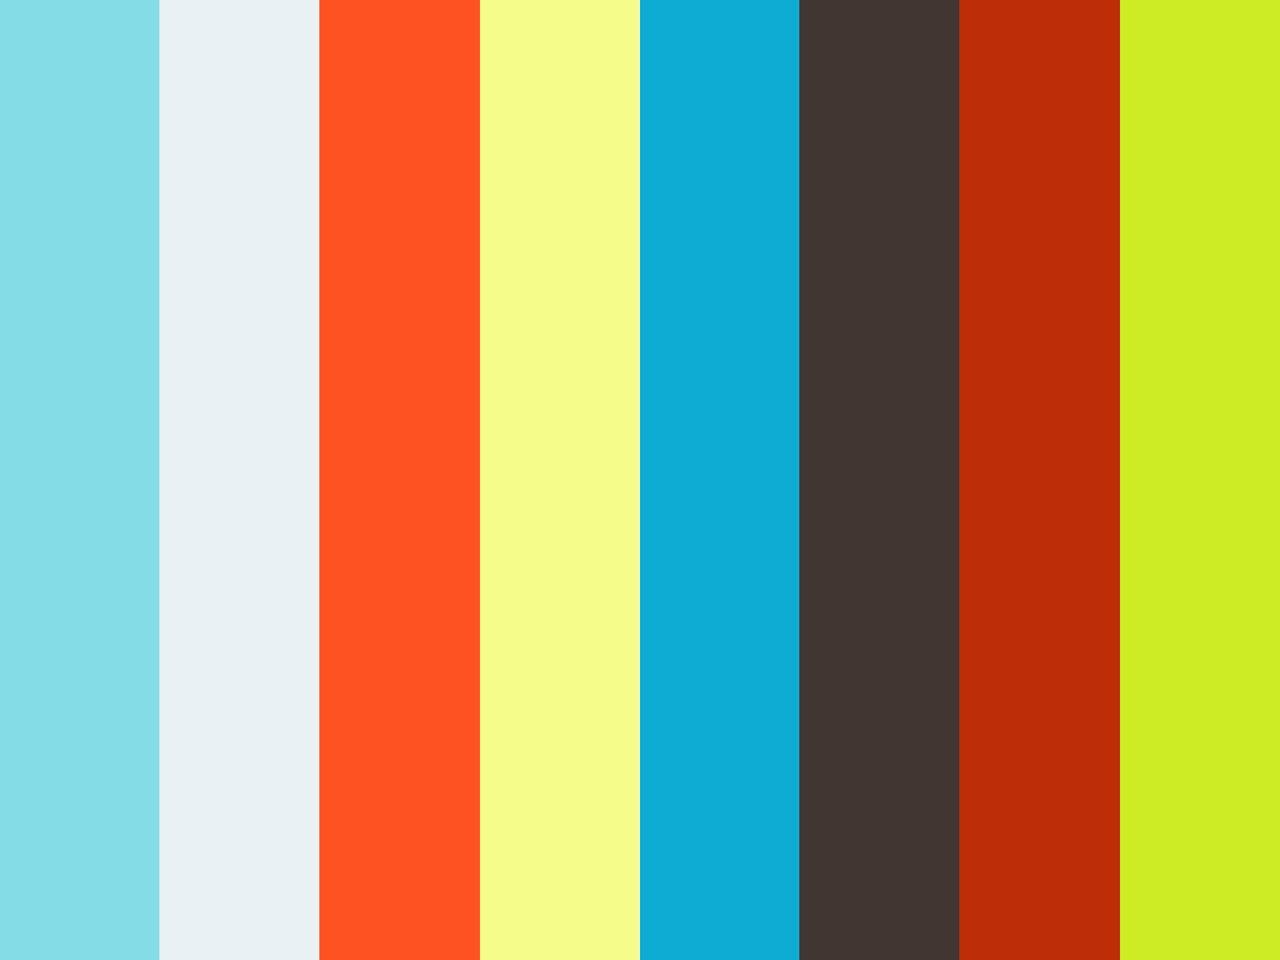 Coleção Chapeu de Palha coloridos Project Co.